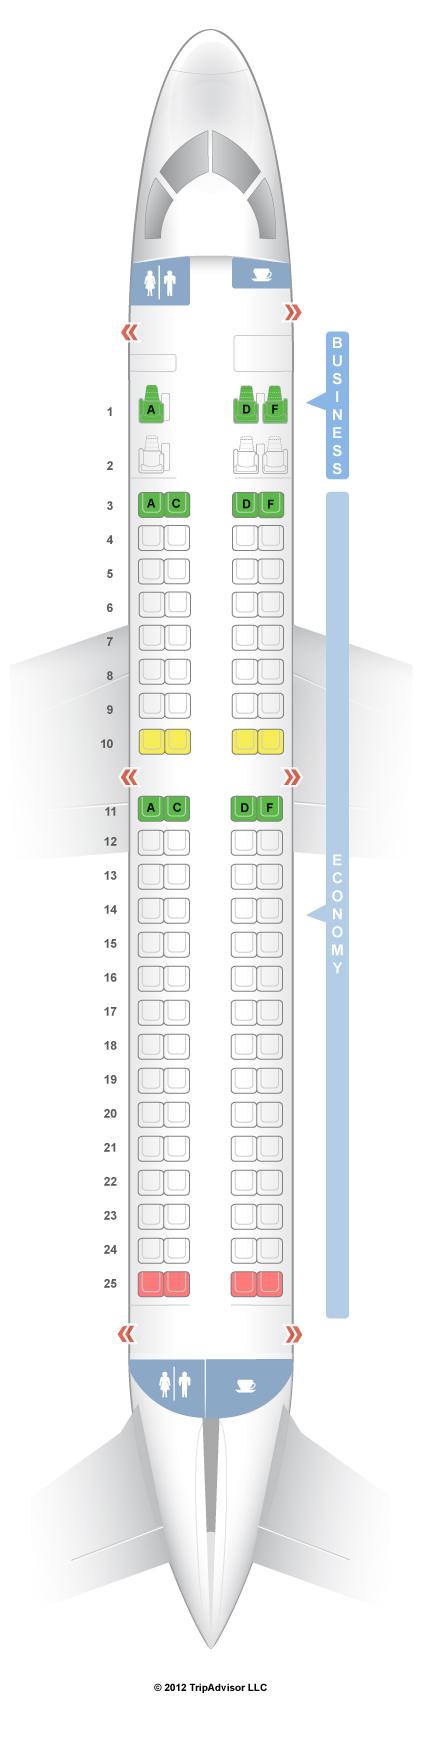 Seatguru Seat Map Virgin Australia Embraer Erj